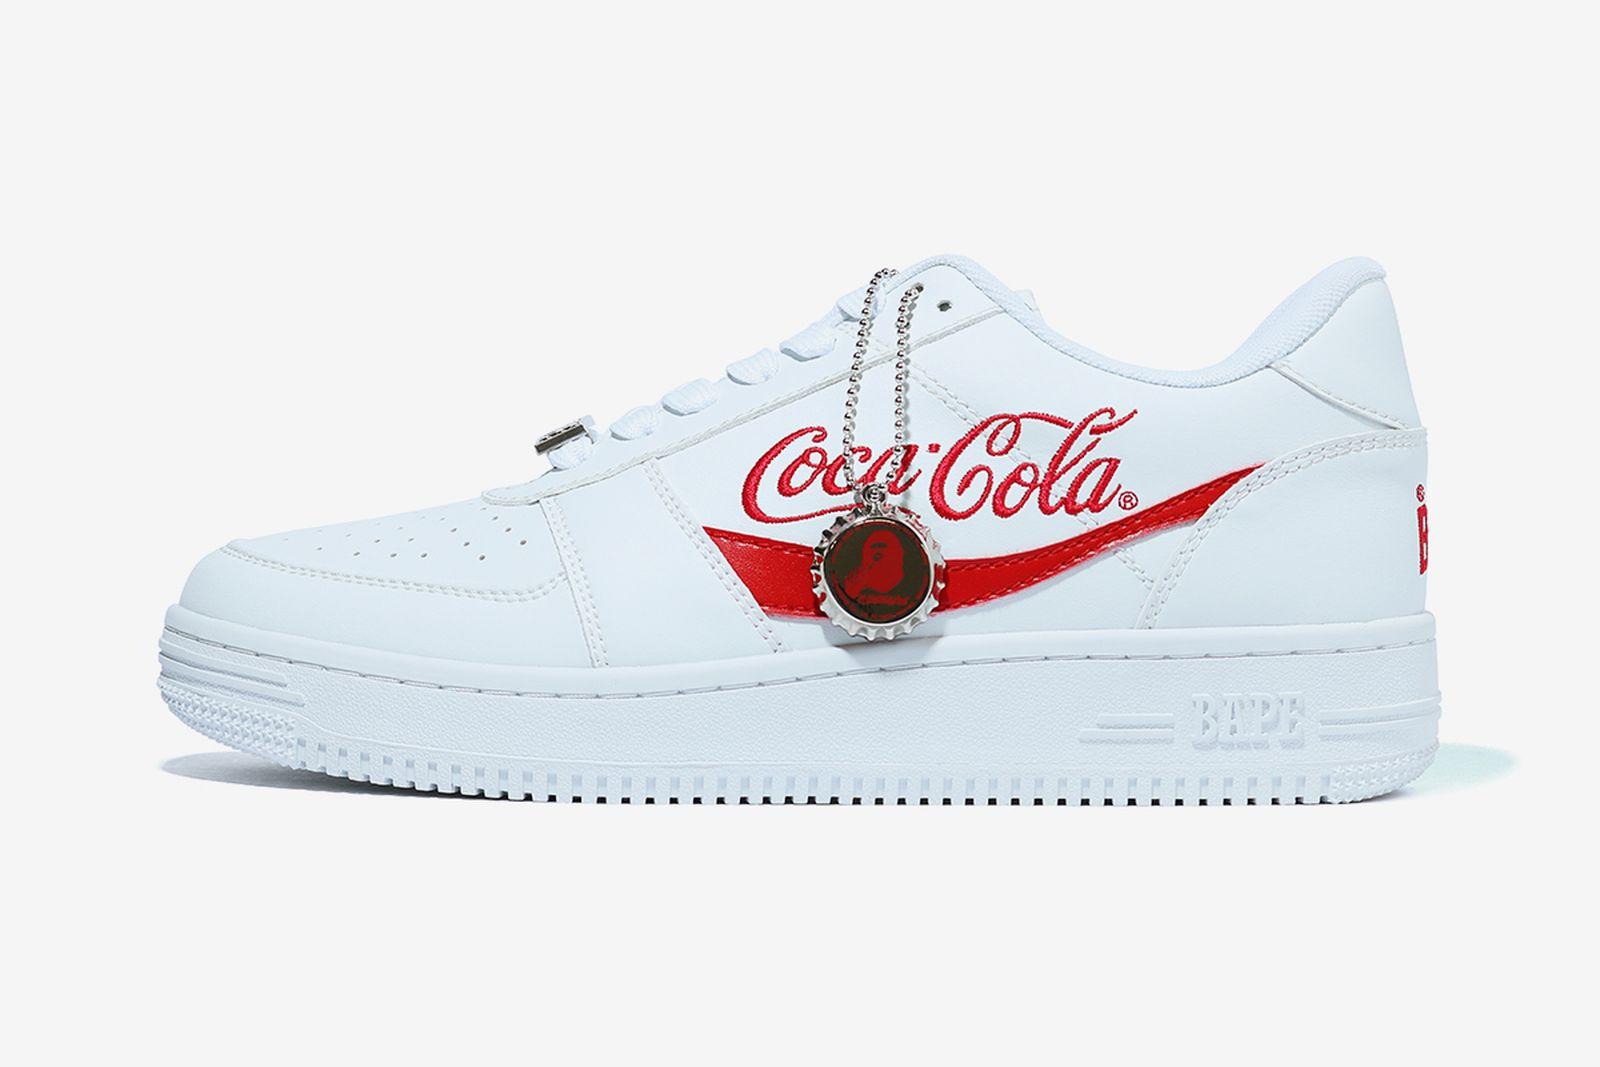 bapesta coca-cola white product shot